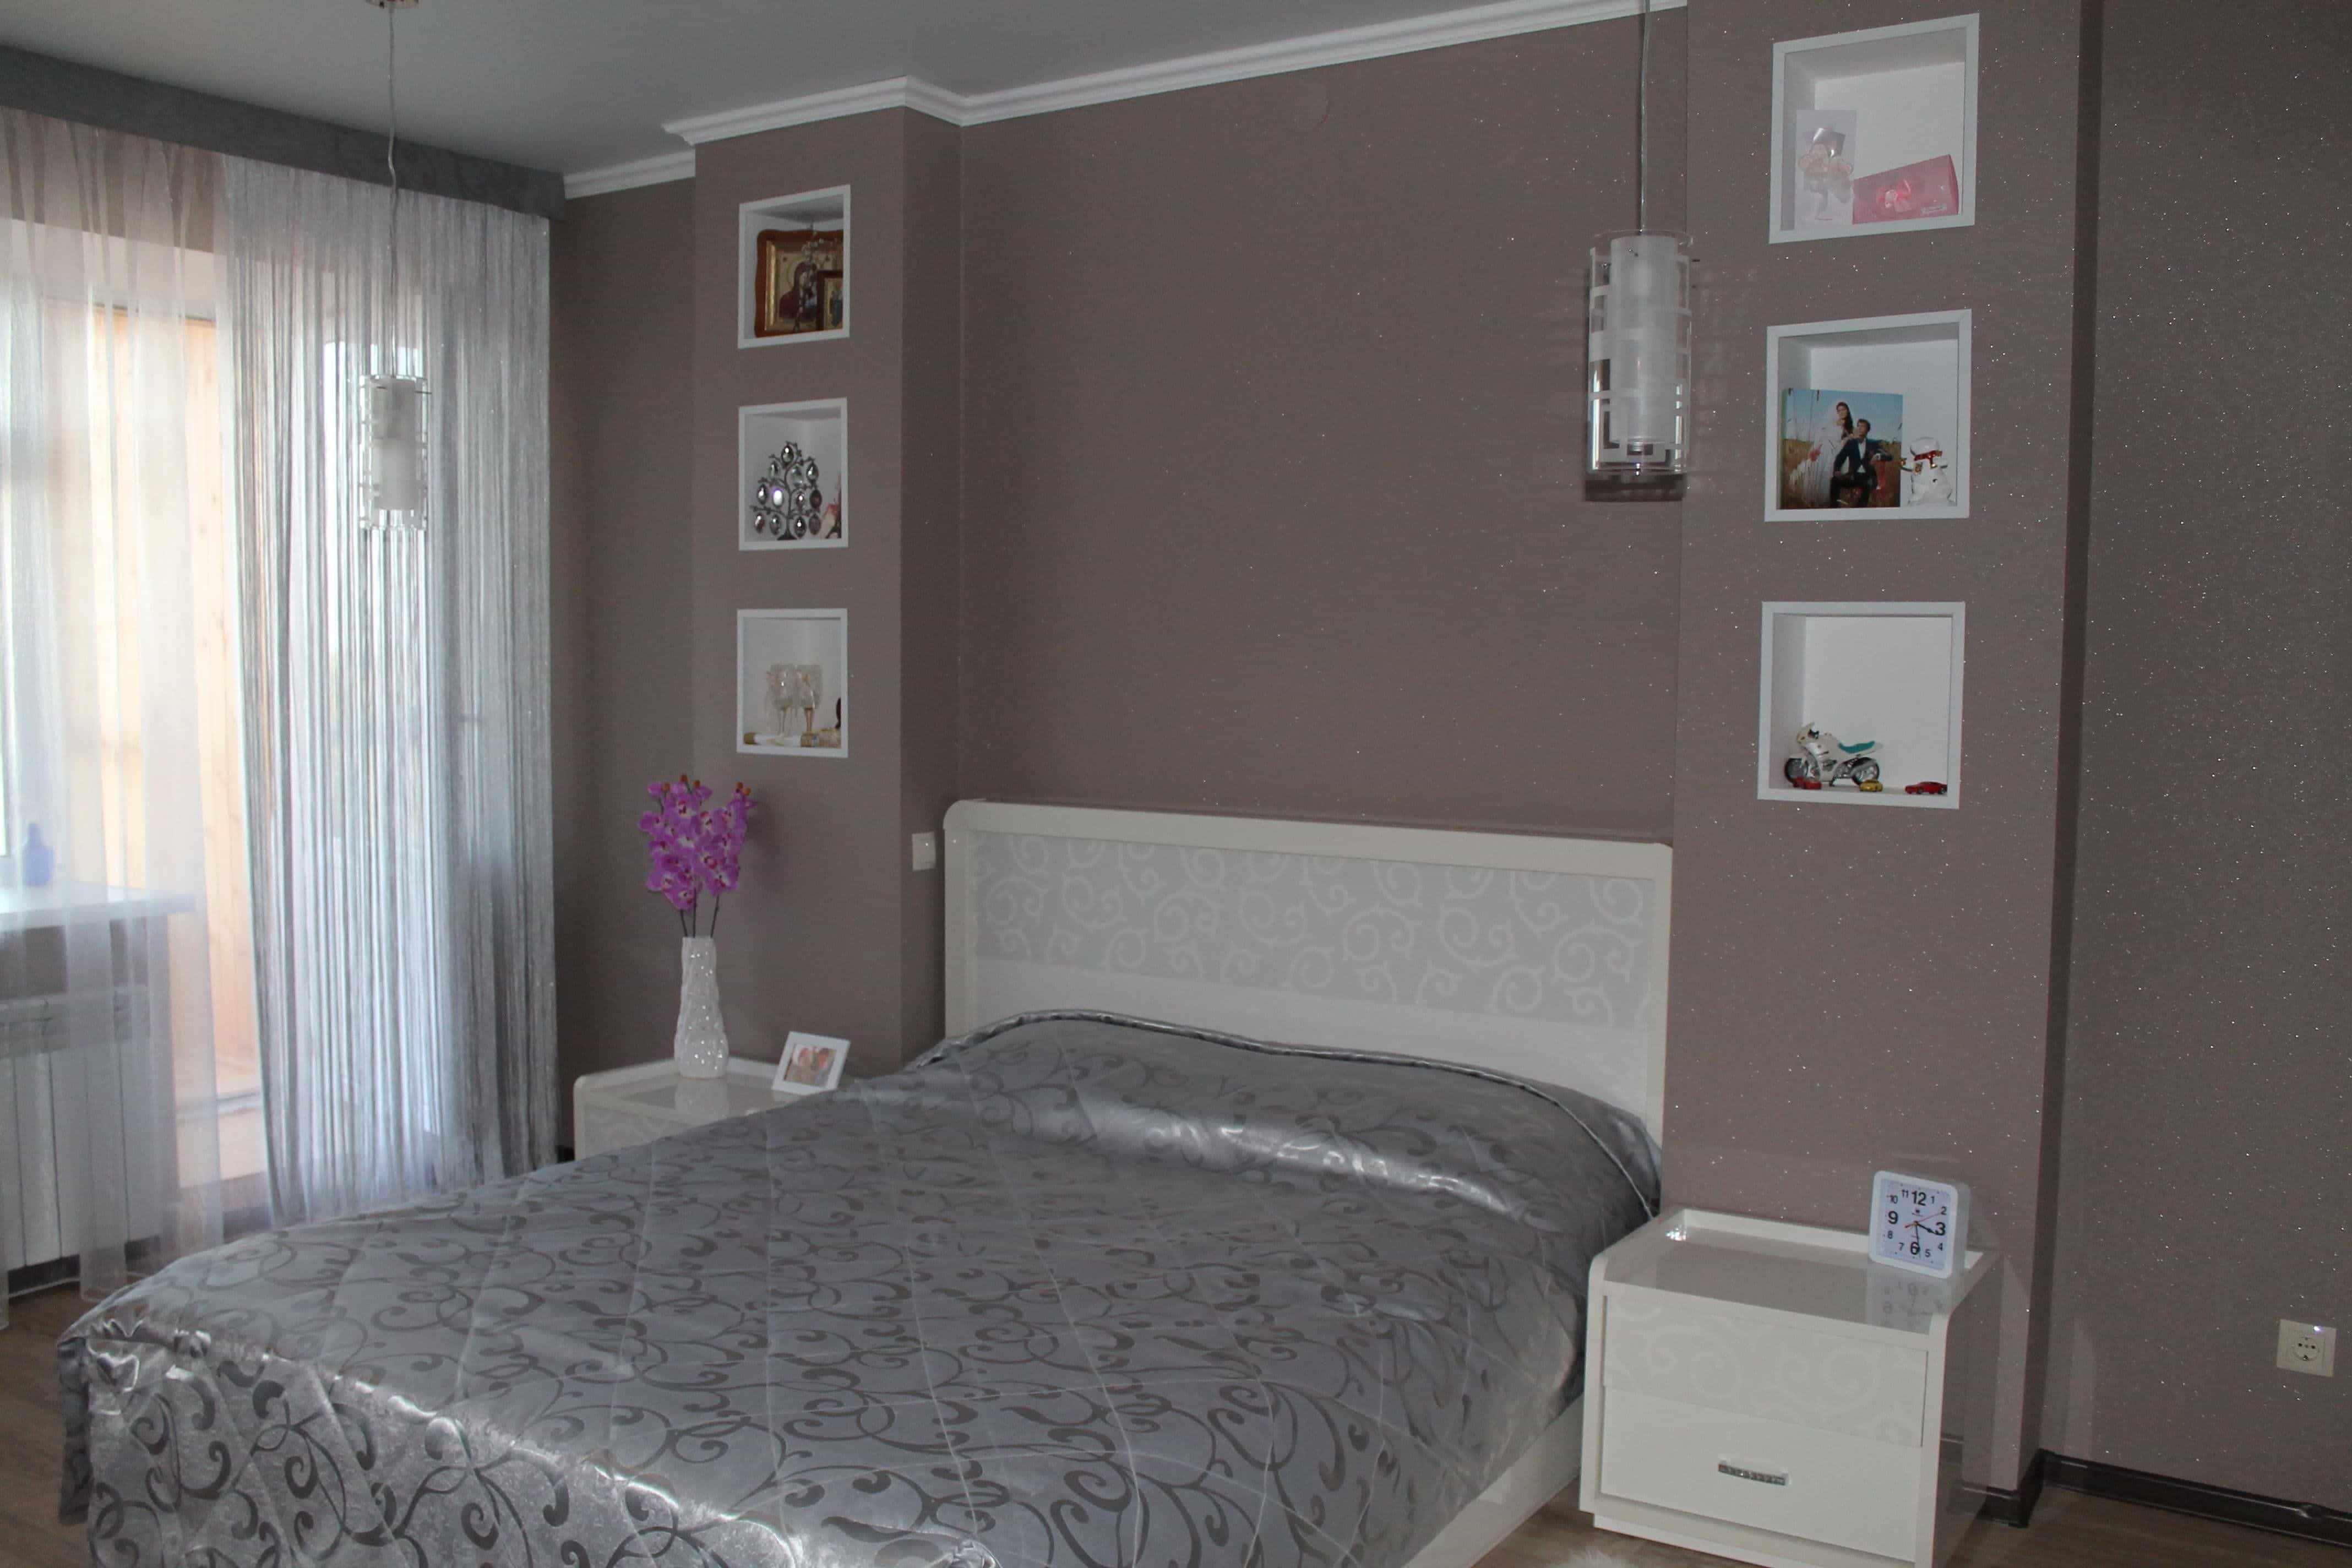 Спальня 4 на 4 метра с изголовьем кровати в нише